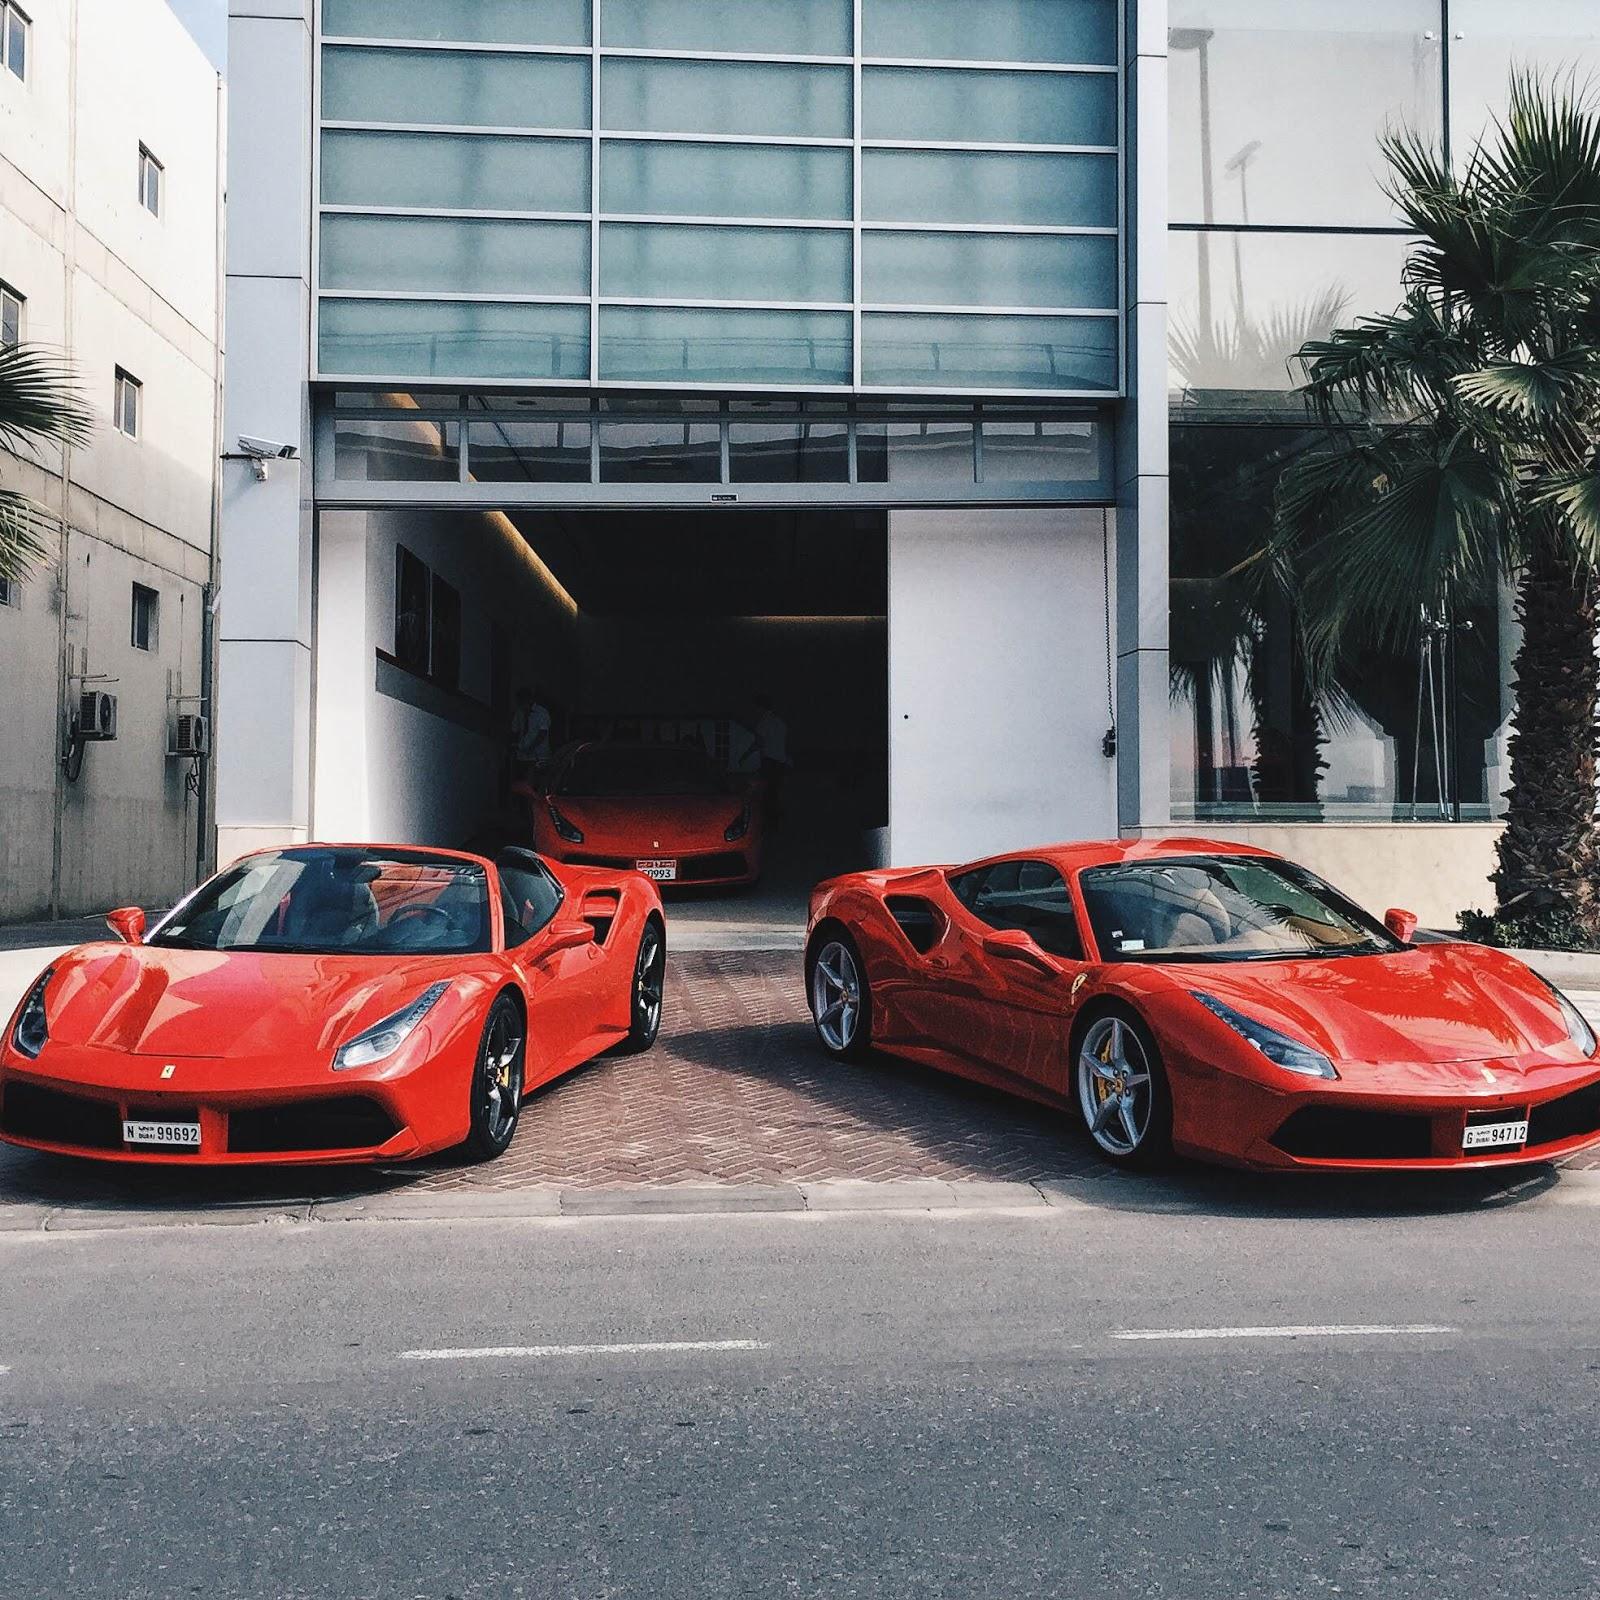 Dubai Desert Blogger: The Luxury Supercars Of Arabia